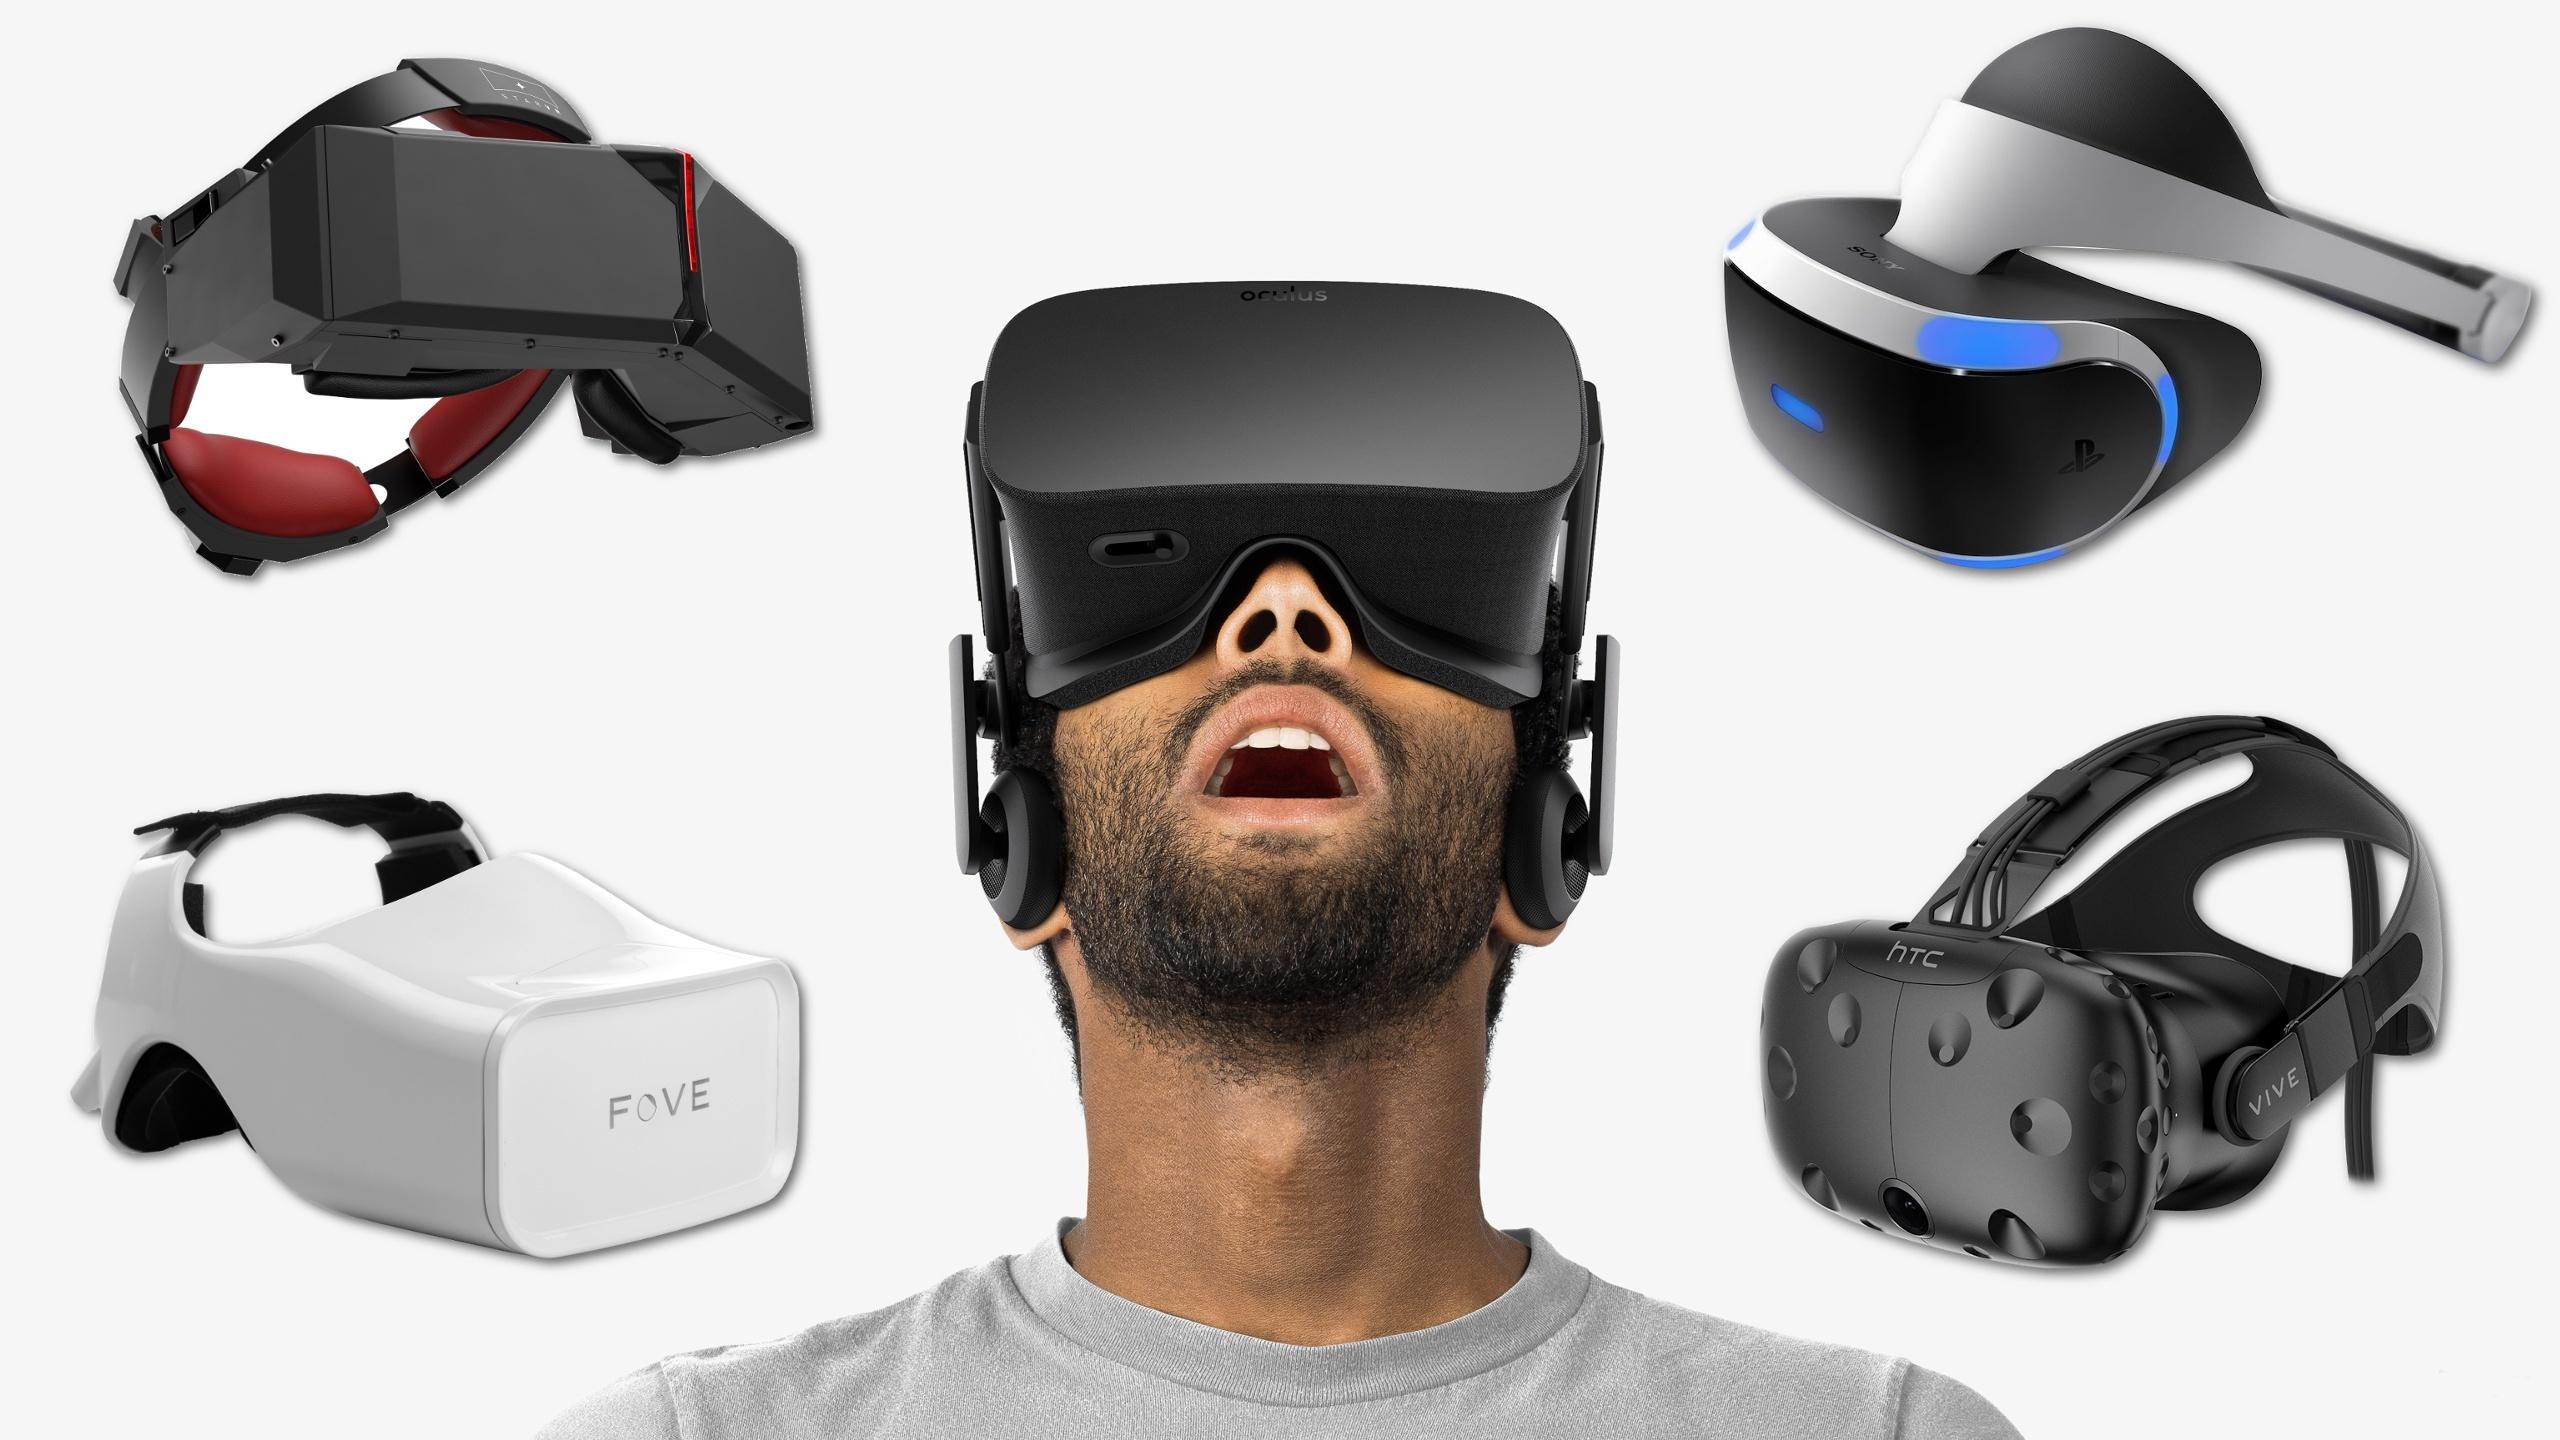 Vr Brille Für Raceroom : Virtual reality brillen im vergleich oculus rift htc vive sony